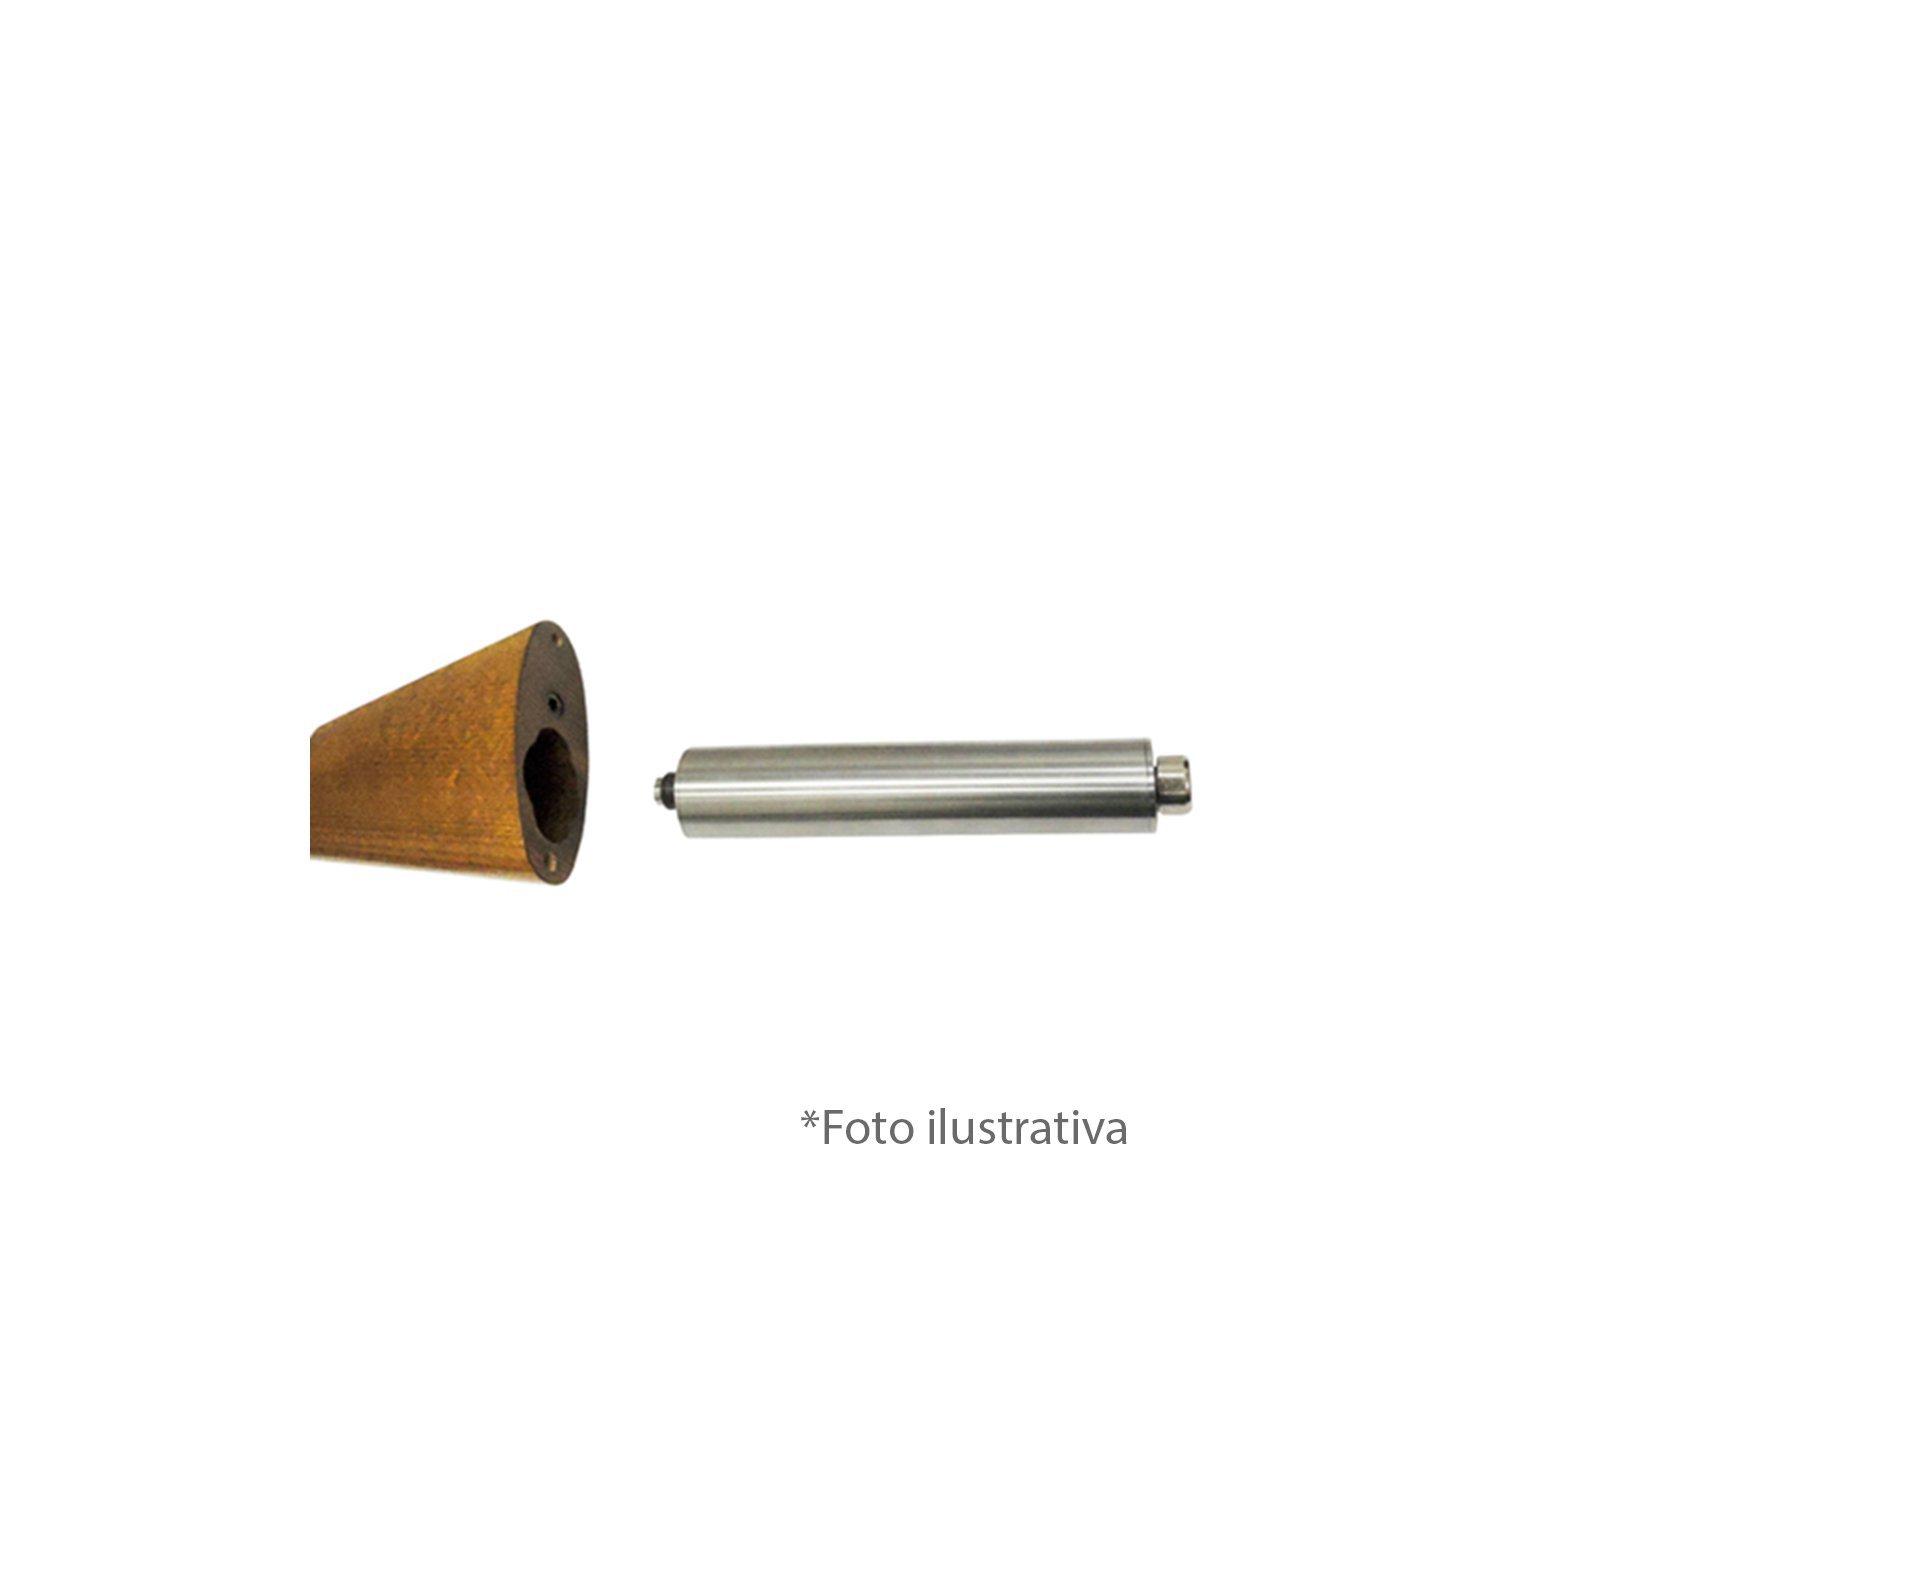 Carabina De Pressão Pcp Puma Walther Lever Action Wells Fargo 4,5mm 8 Tiros - Walther